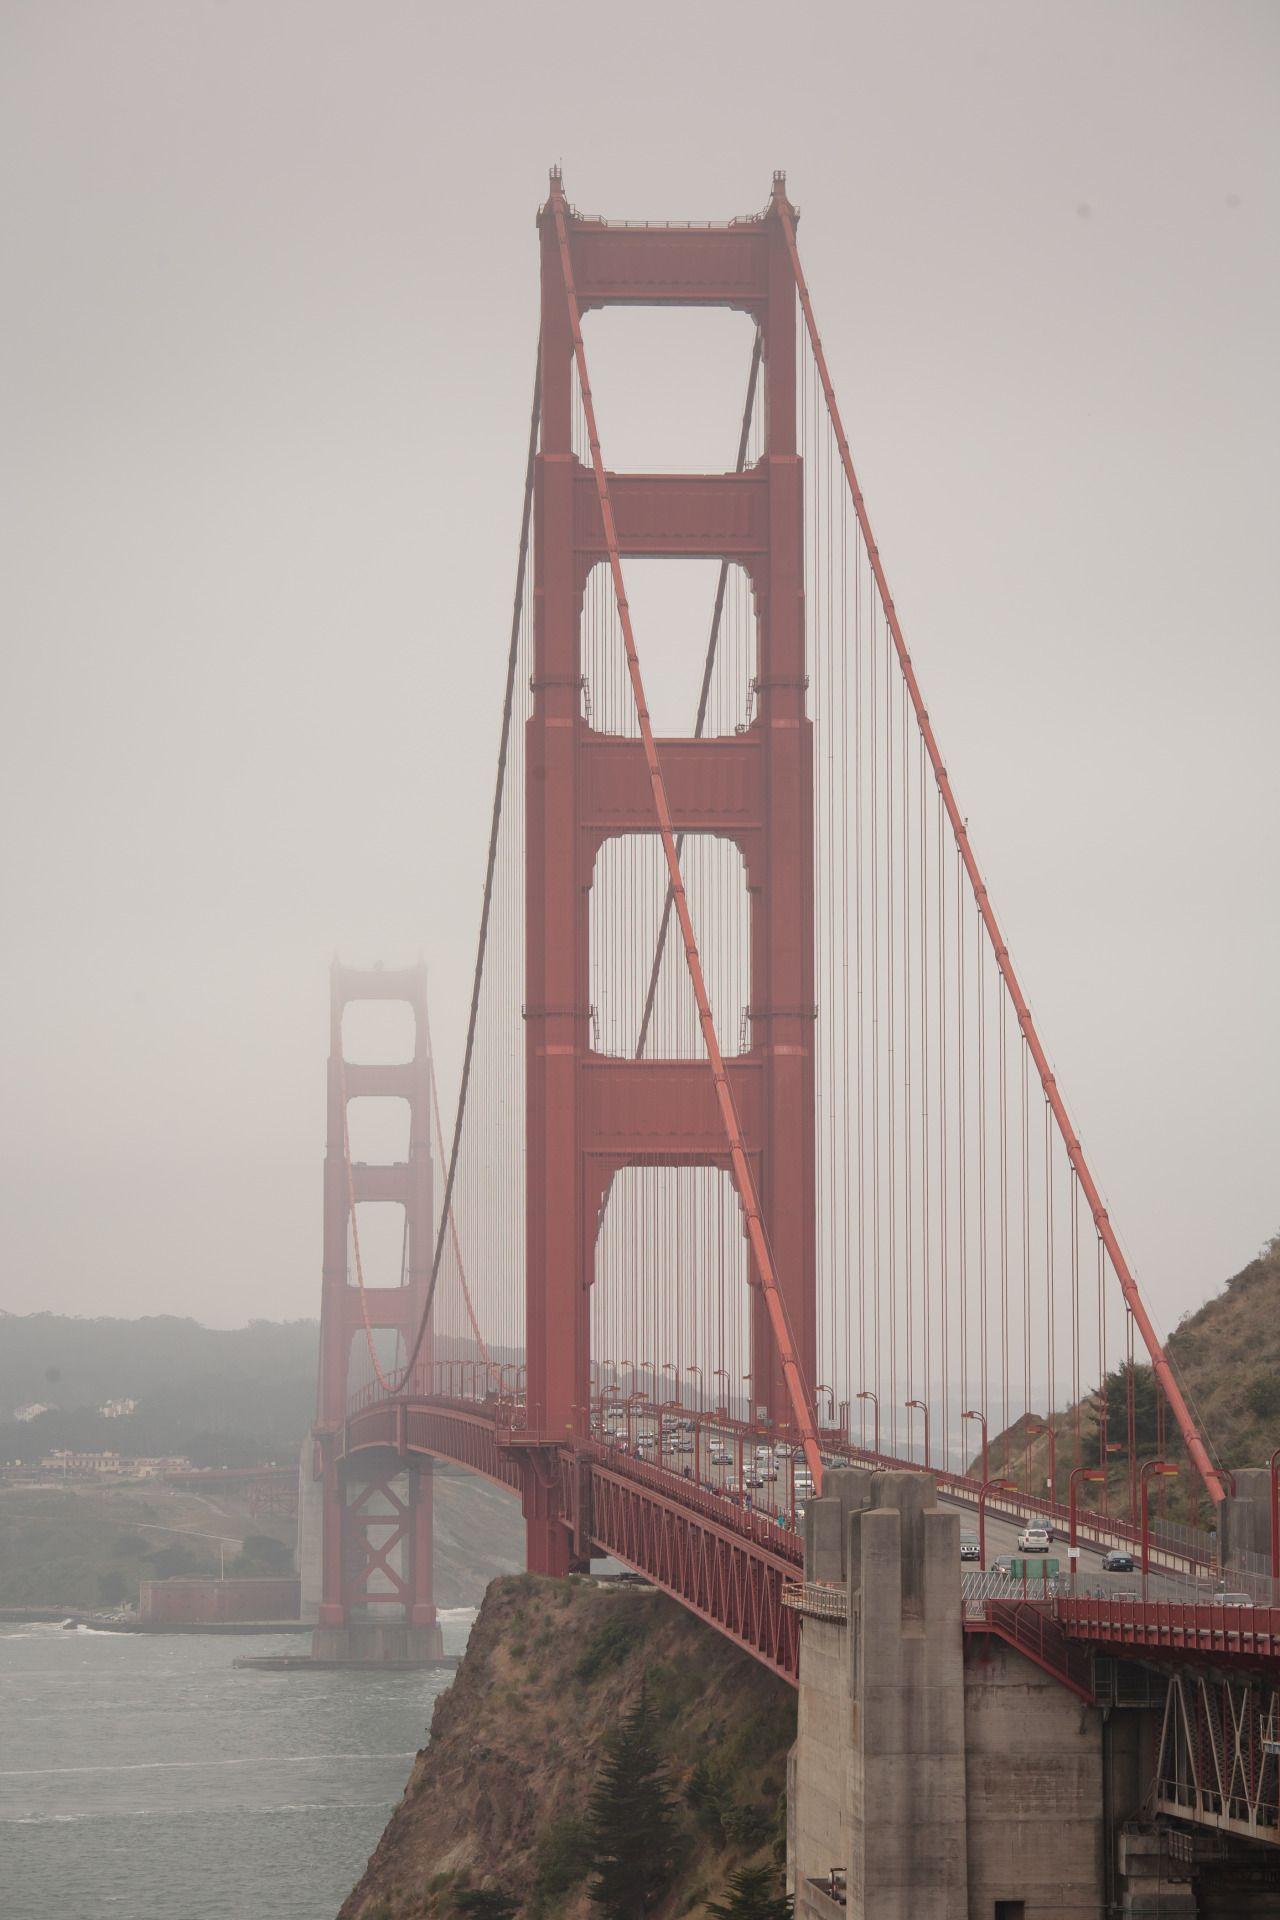 Golden Gate Bridge - San Francisco - California - USA (by Aurimas)